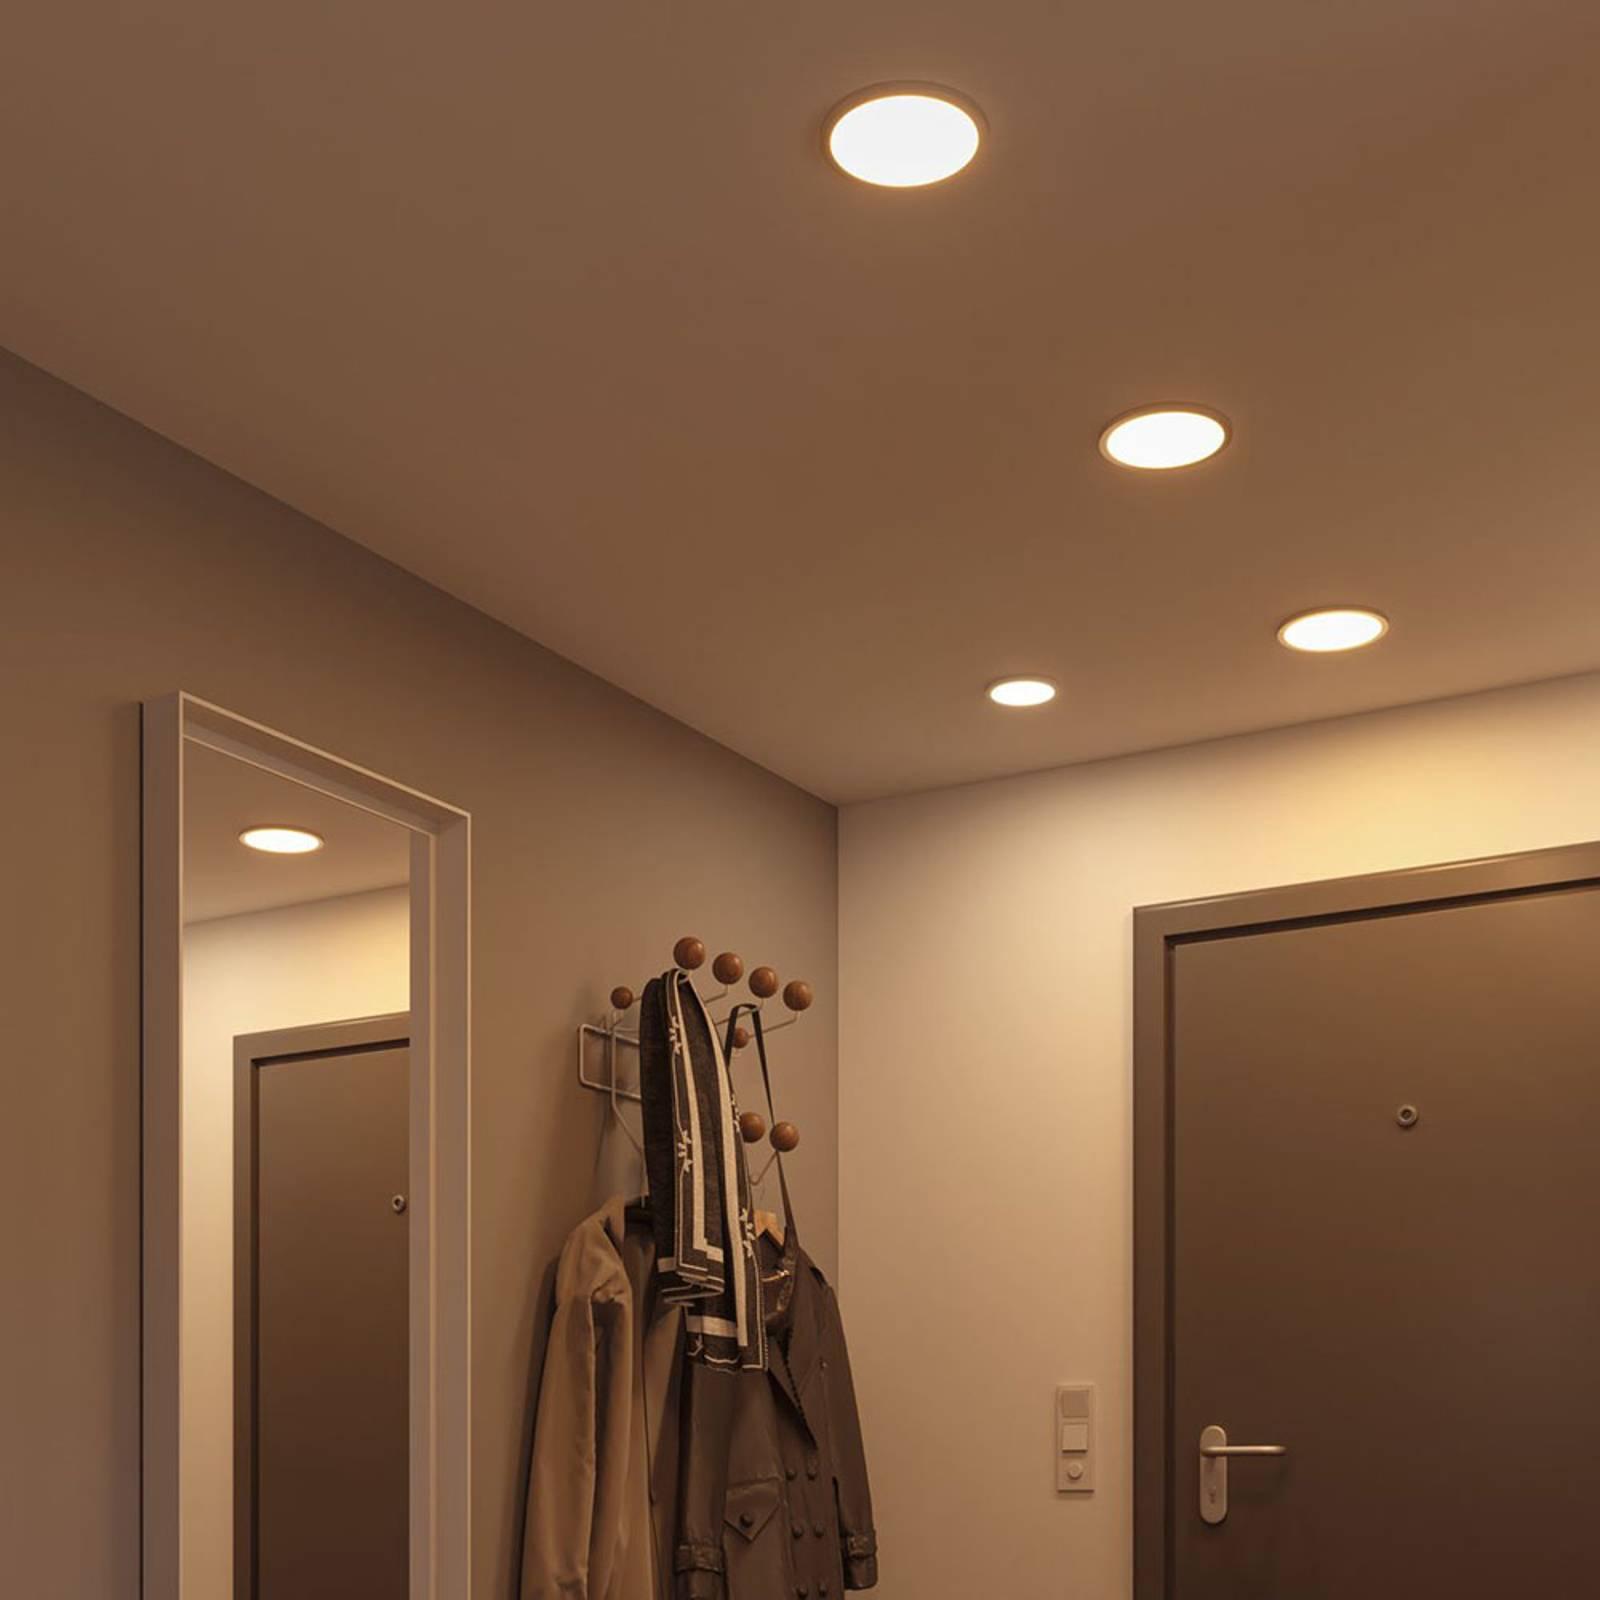 Paulmann-LED-paneeli Areo pyöreä valkoinen 11,8 cm